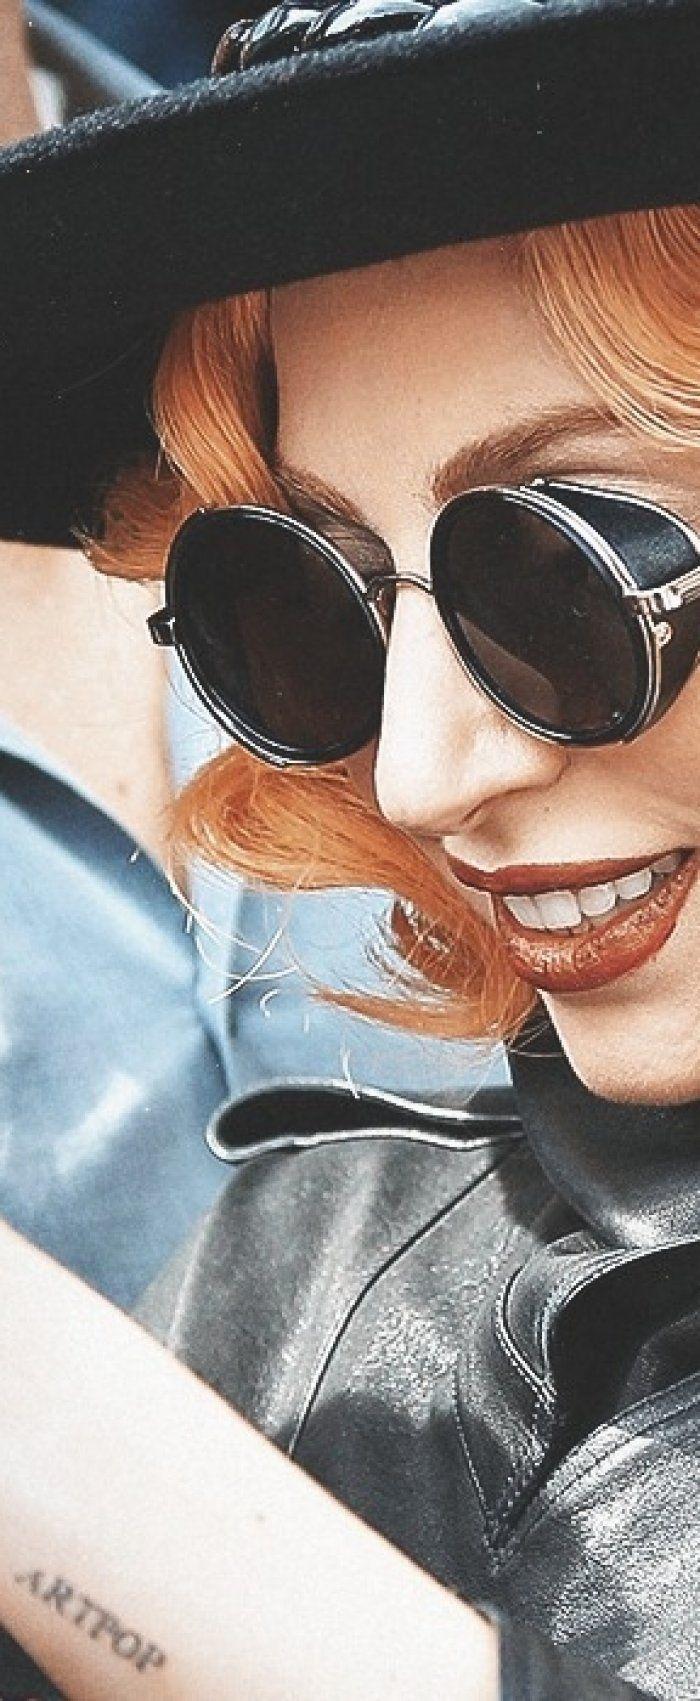 ARTPOP, Lady Gaga in Vienna.